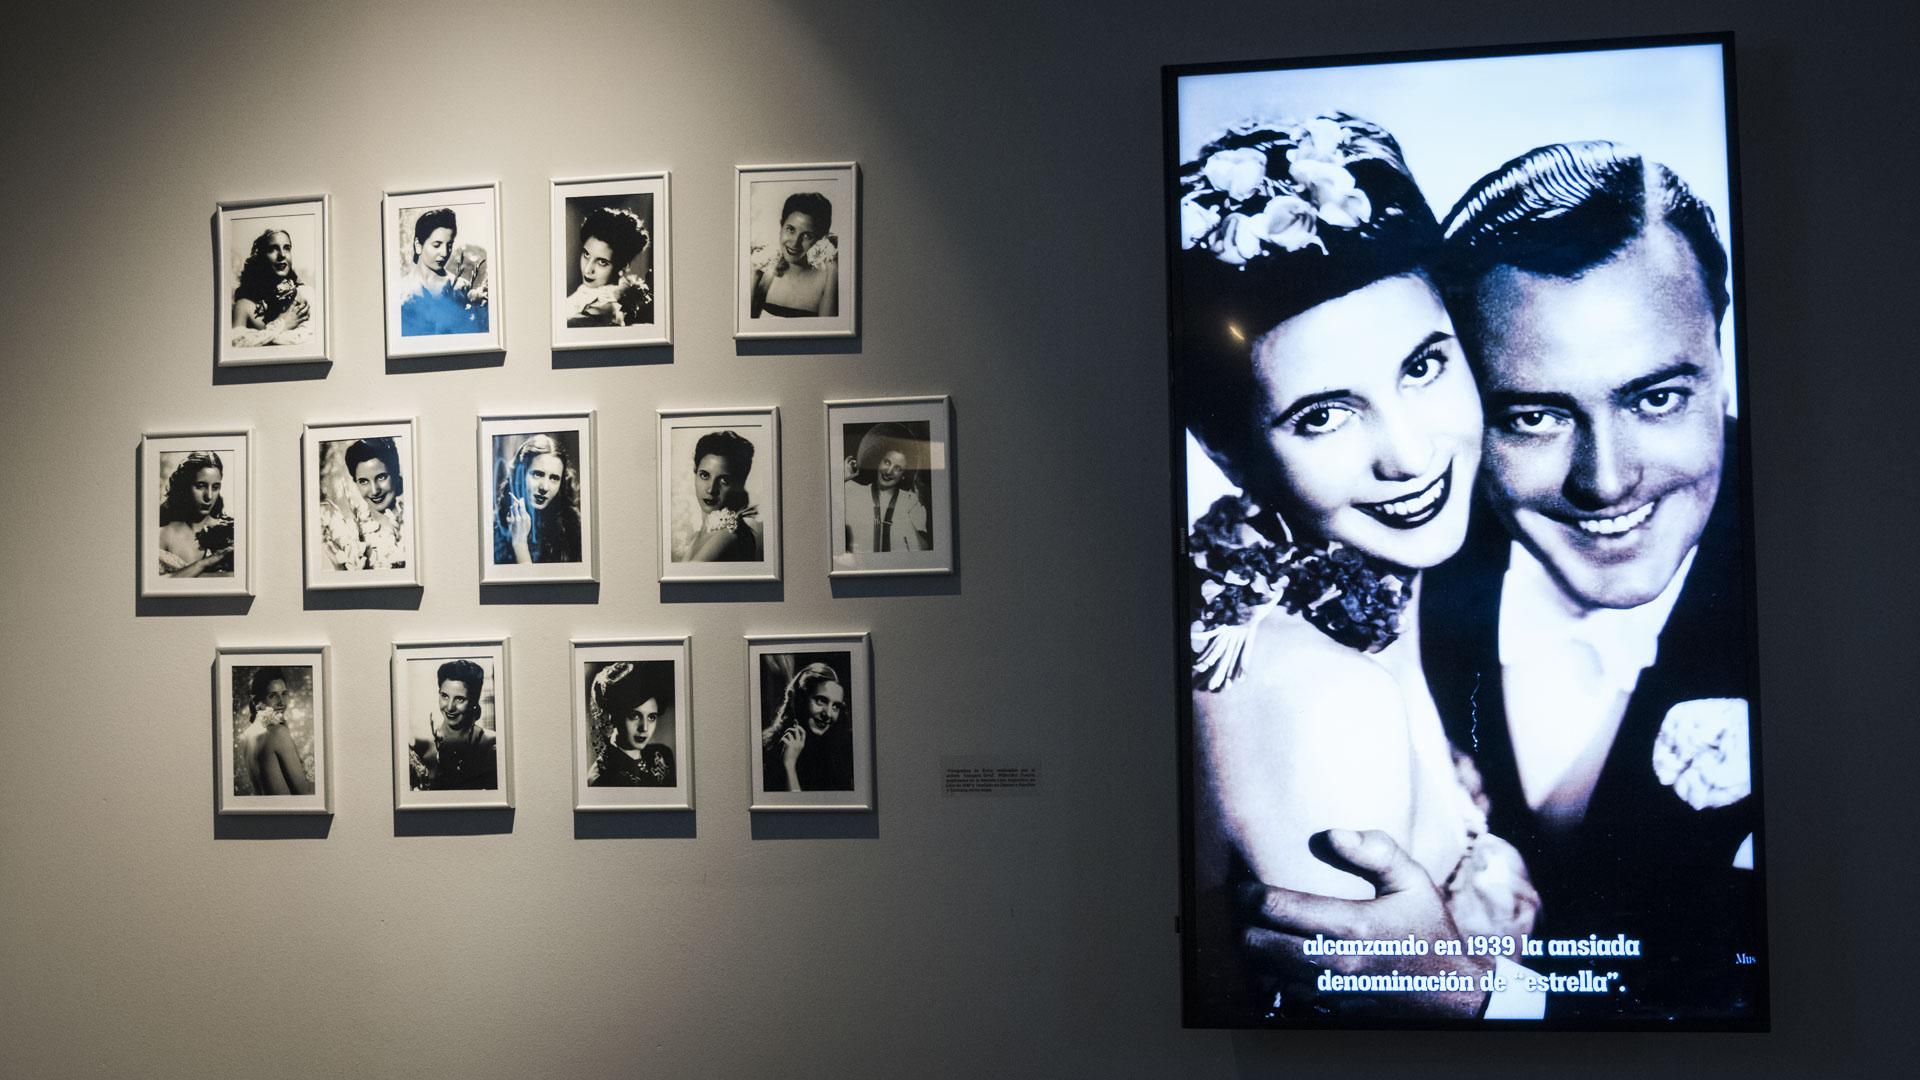 """""""Las novedades de la sala exhiben fotos nuevas de Eva en su época de actriz. Solo por la colección del fotógrafo húngaro Sivul Wilensky, sino que hay una serie de nuevas fotos que fueron donadas en 2014 y que corresponden a una Eva muy joven,que jugaba a la actriz"""", agregó Gané"""